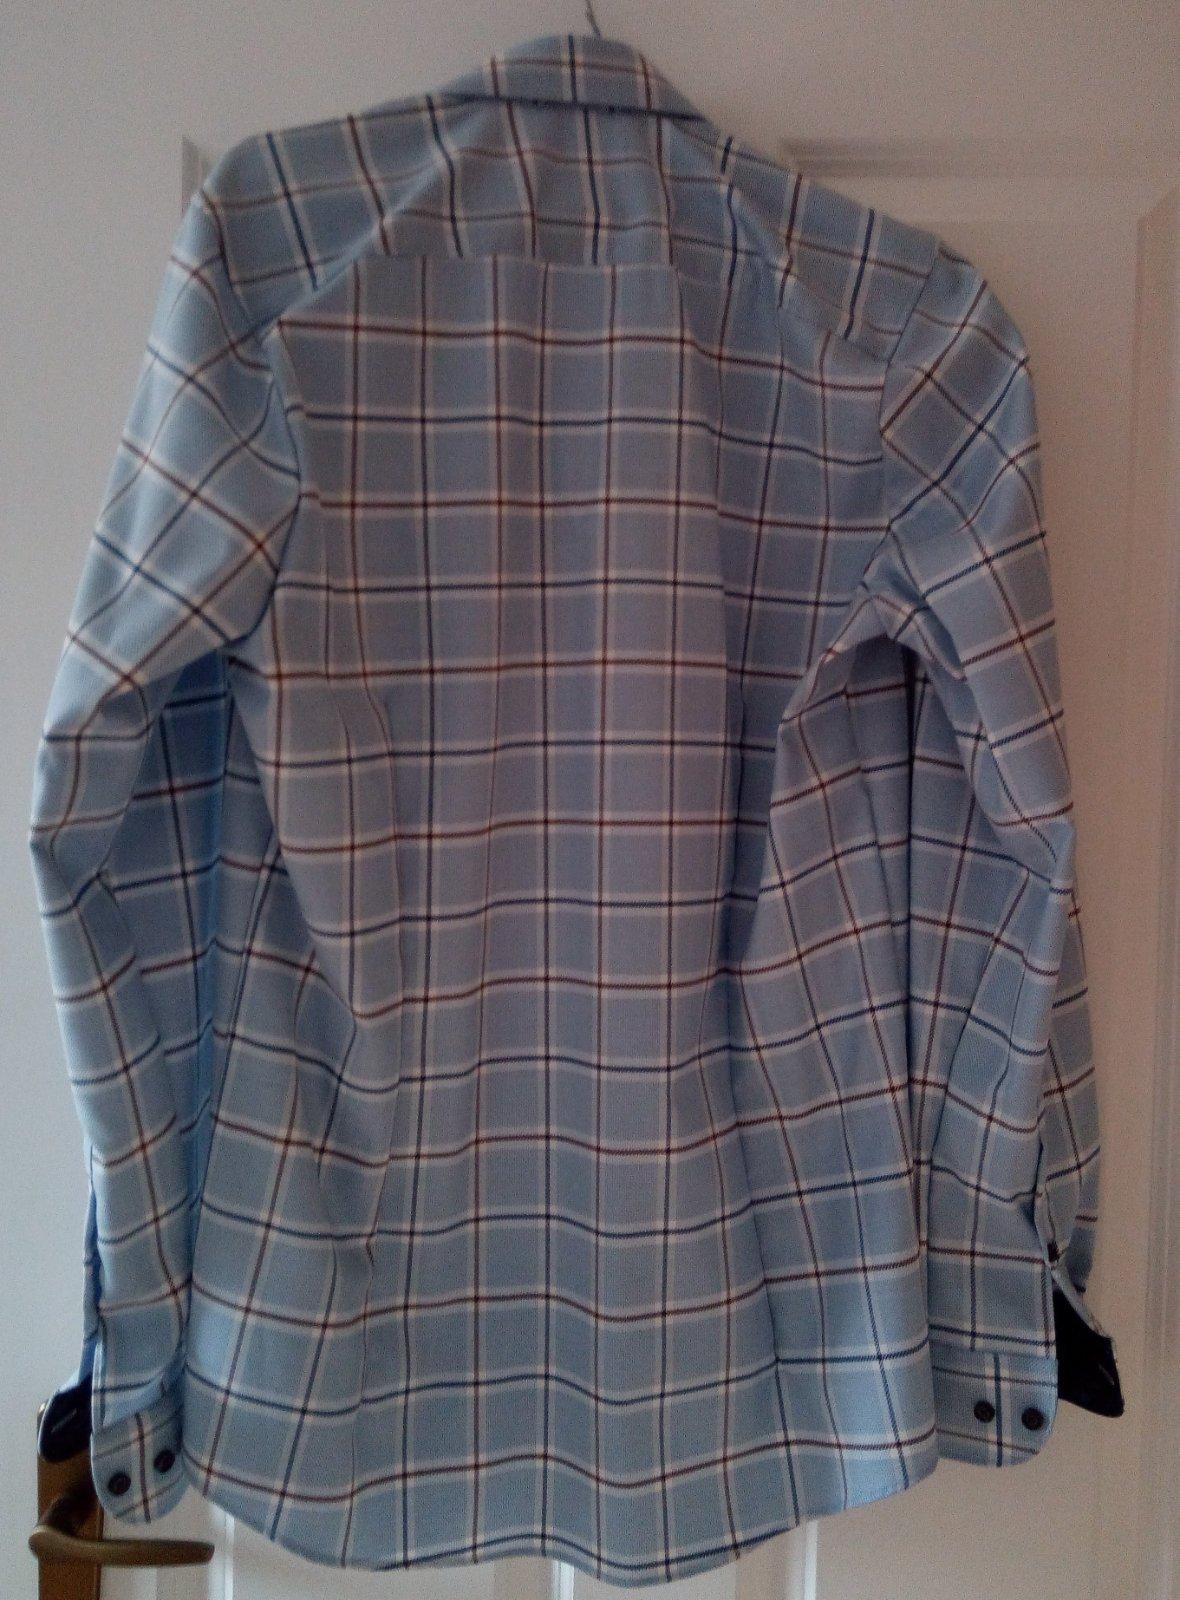 Pánska modrá károvaná košeľa 39 - Obrázok č. 2